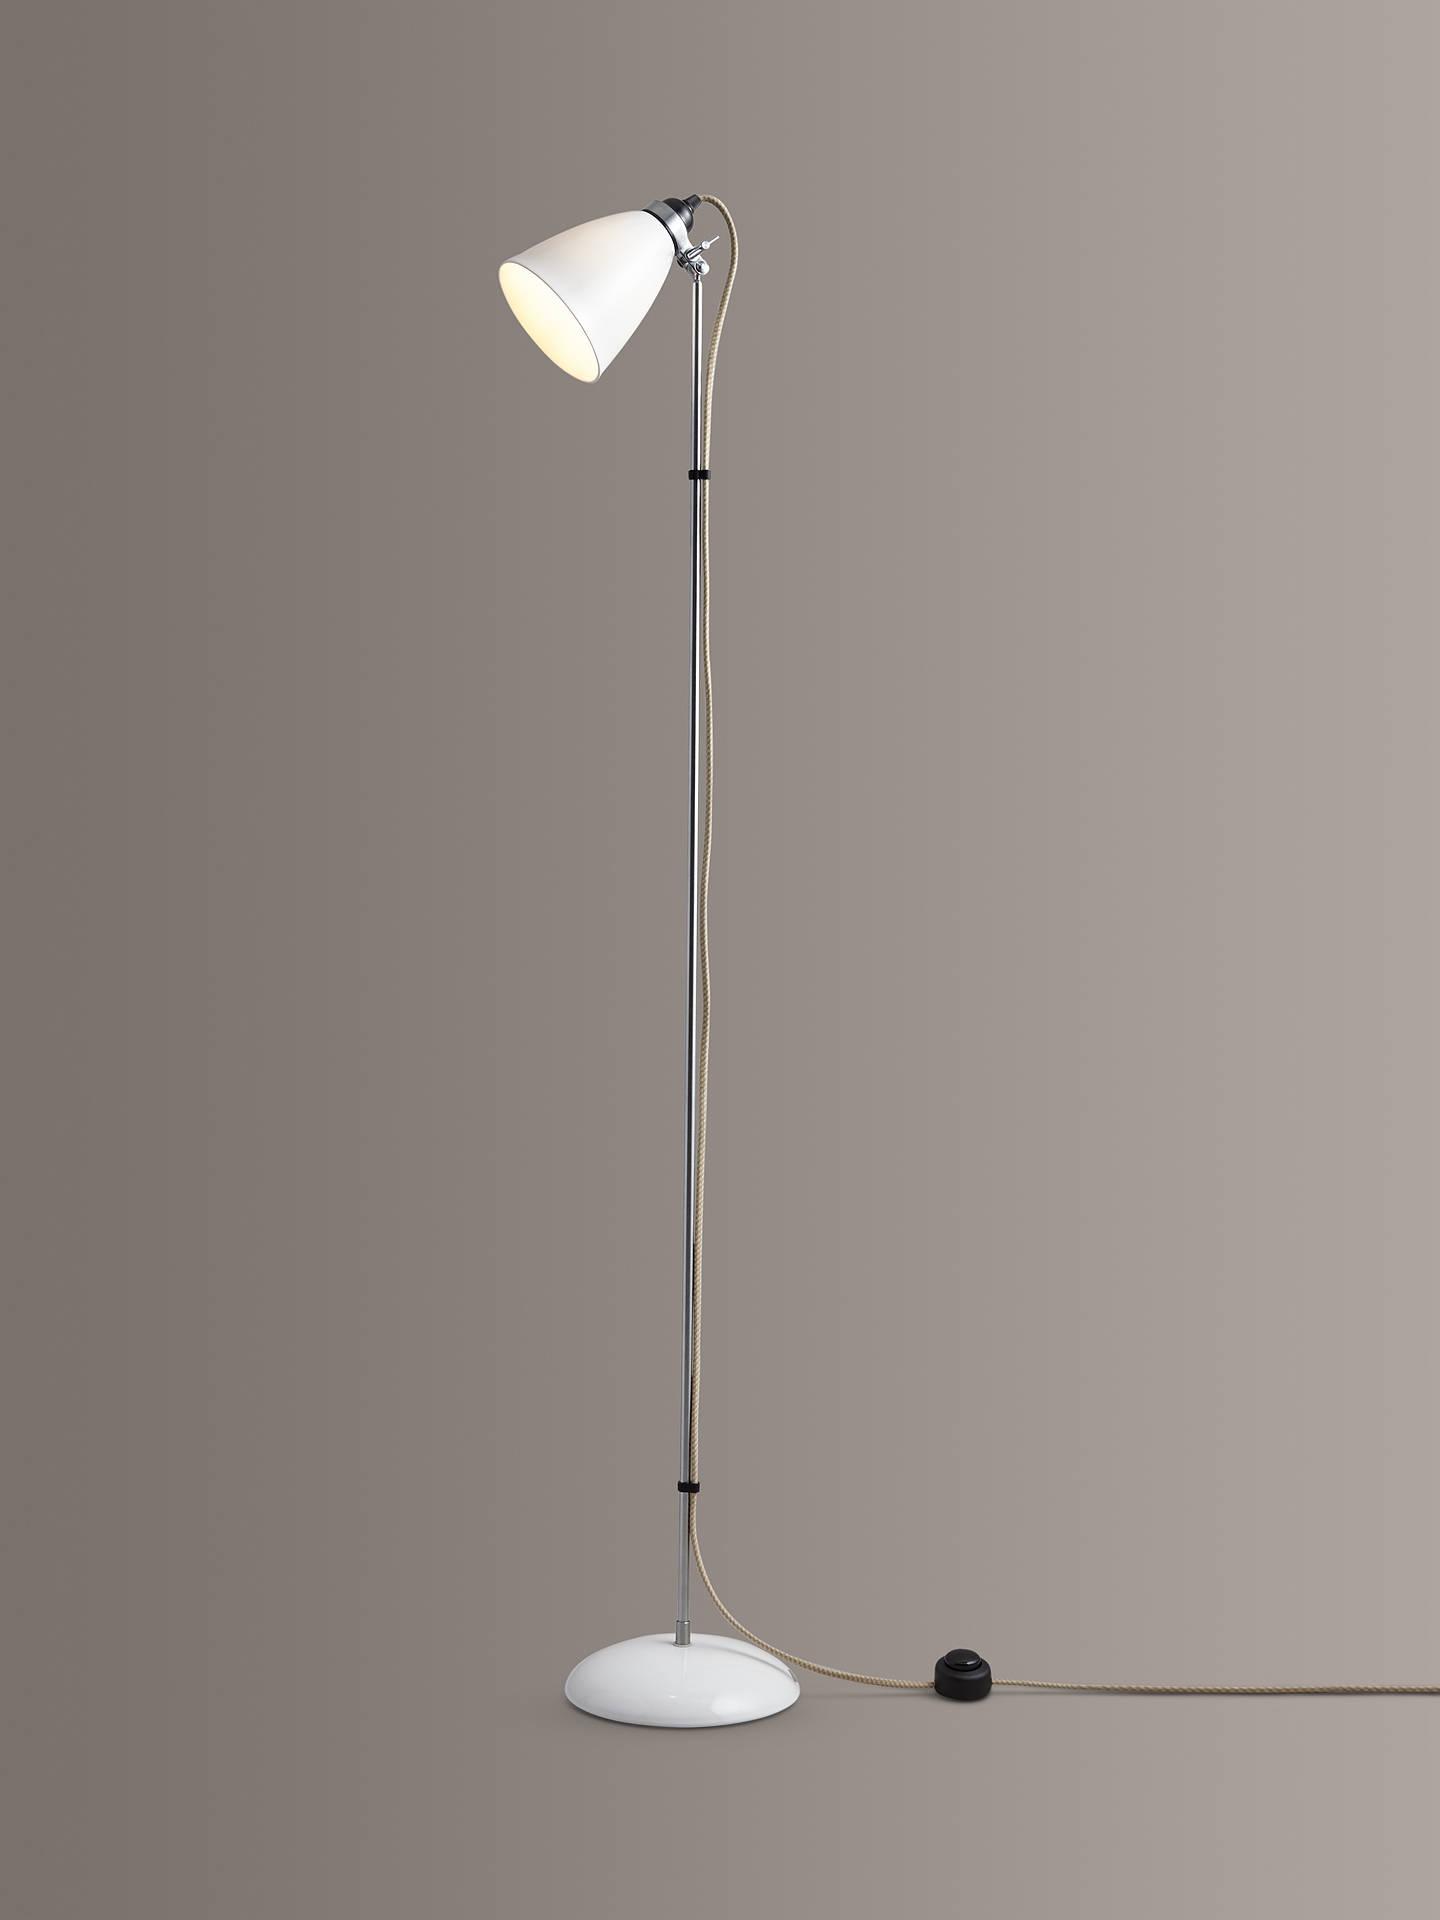 Original Btc Hector Medium Dome Floor Lamp White Online At Johnlewis